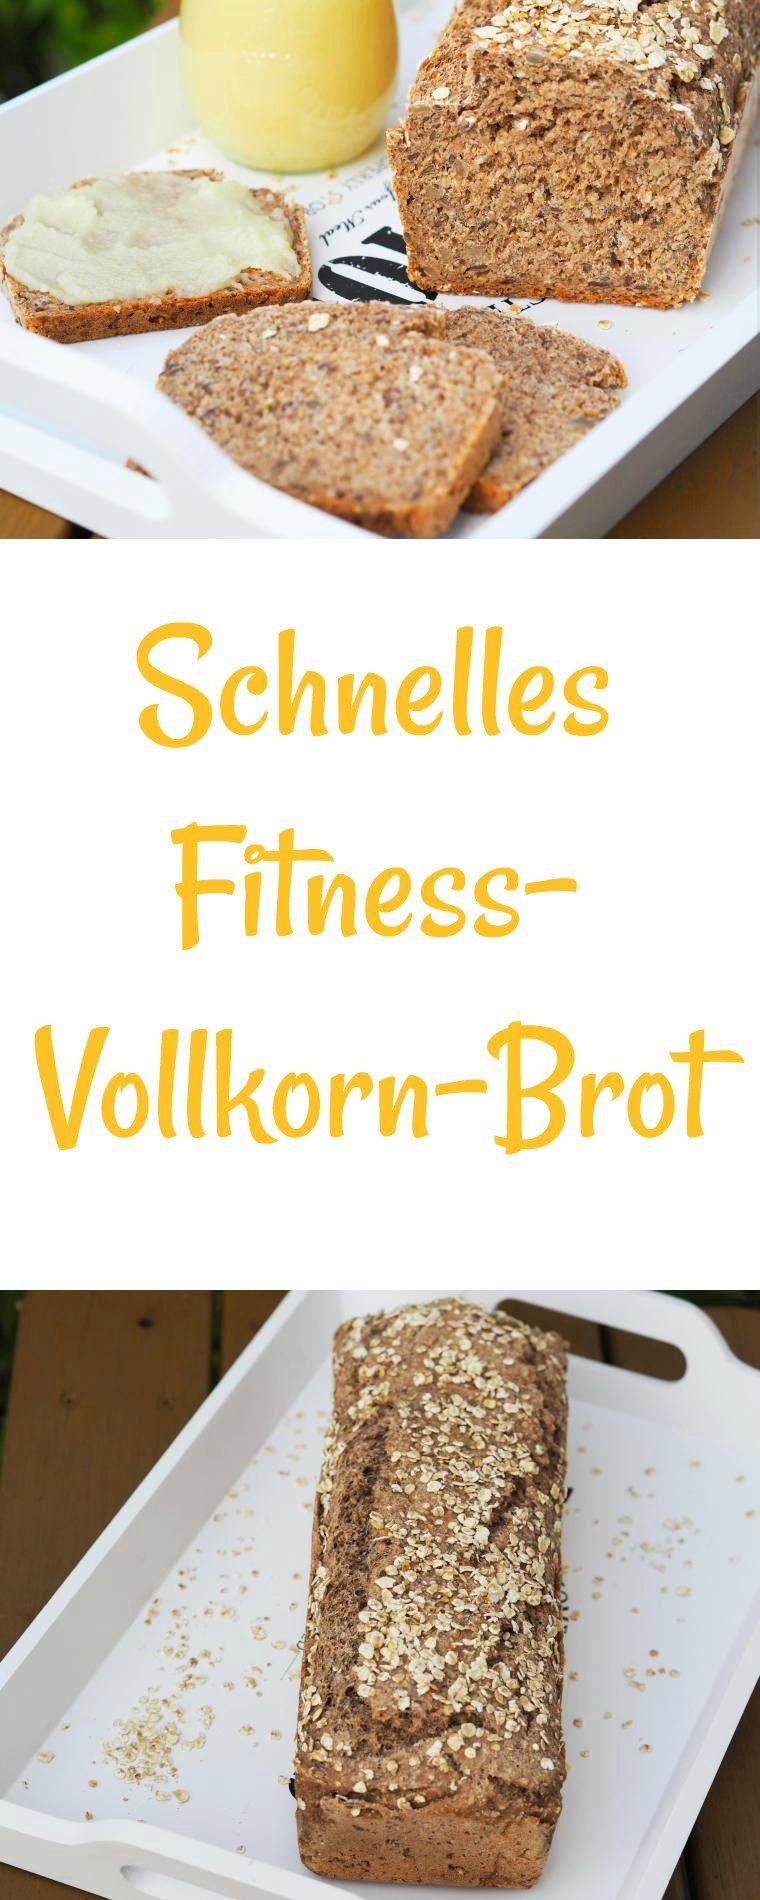 Photo of Schnelles Fitness-Vollkorn-Joghurt Brot – wiewowasistgut.com